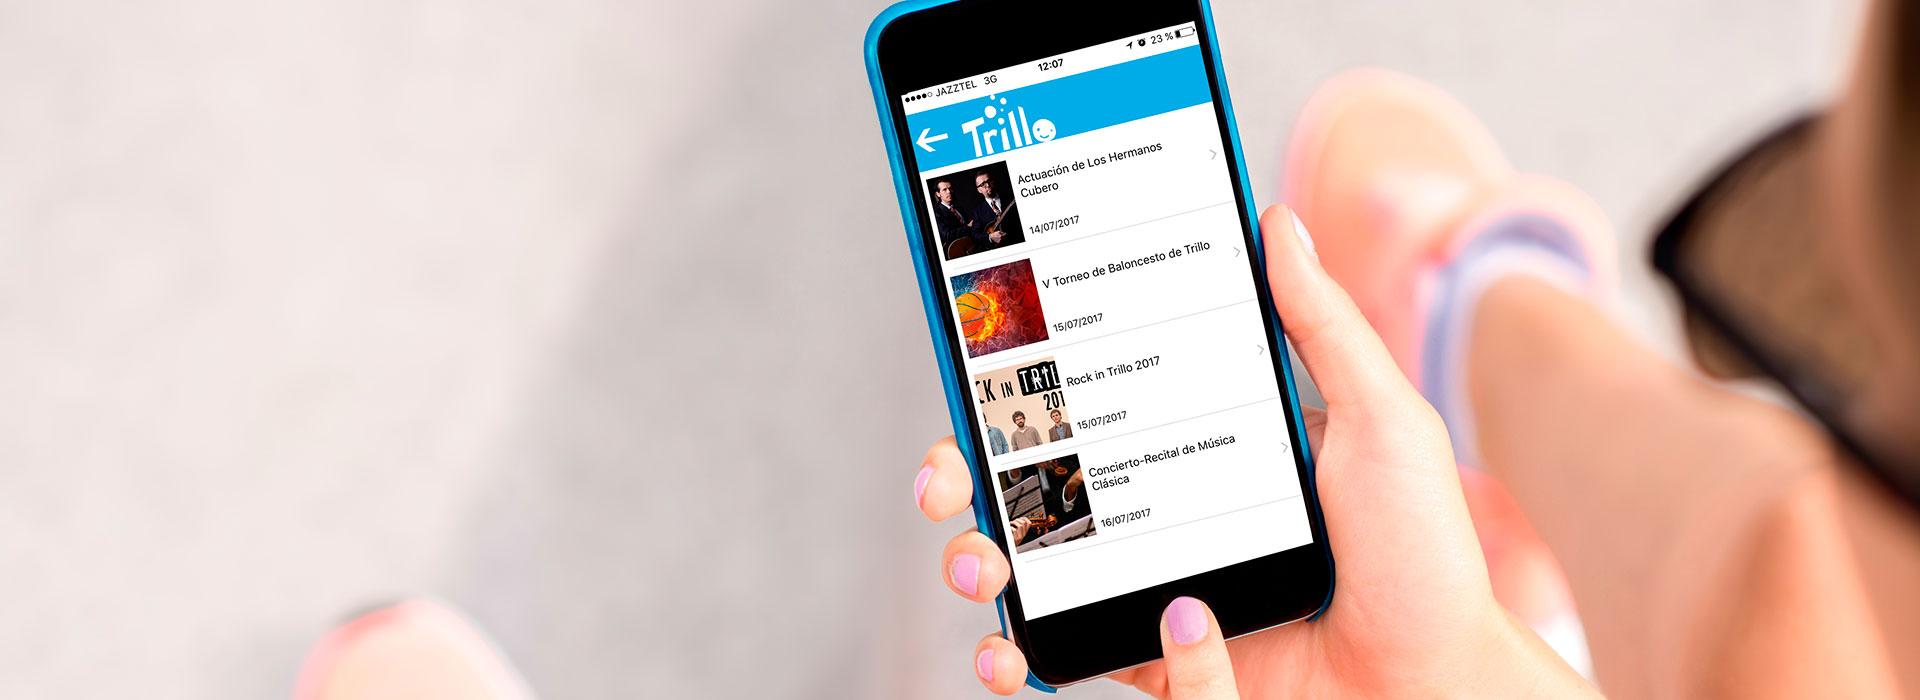 nueva-app-trillo-slide